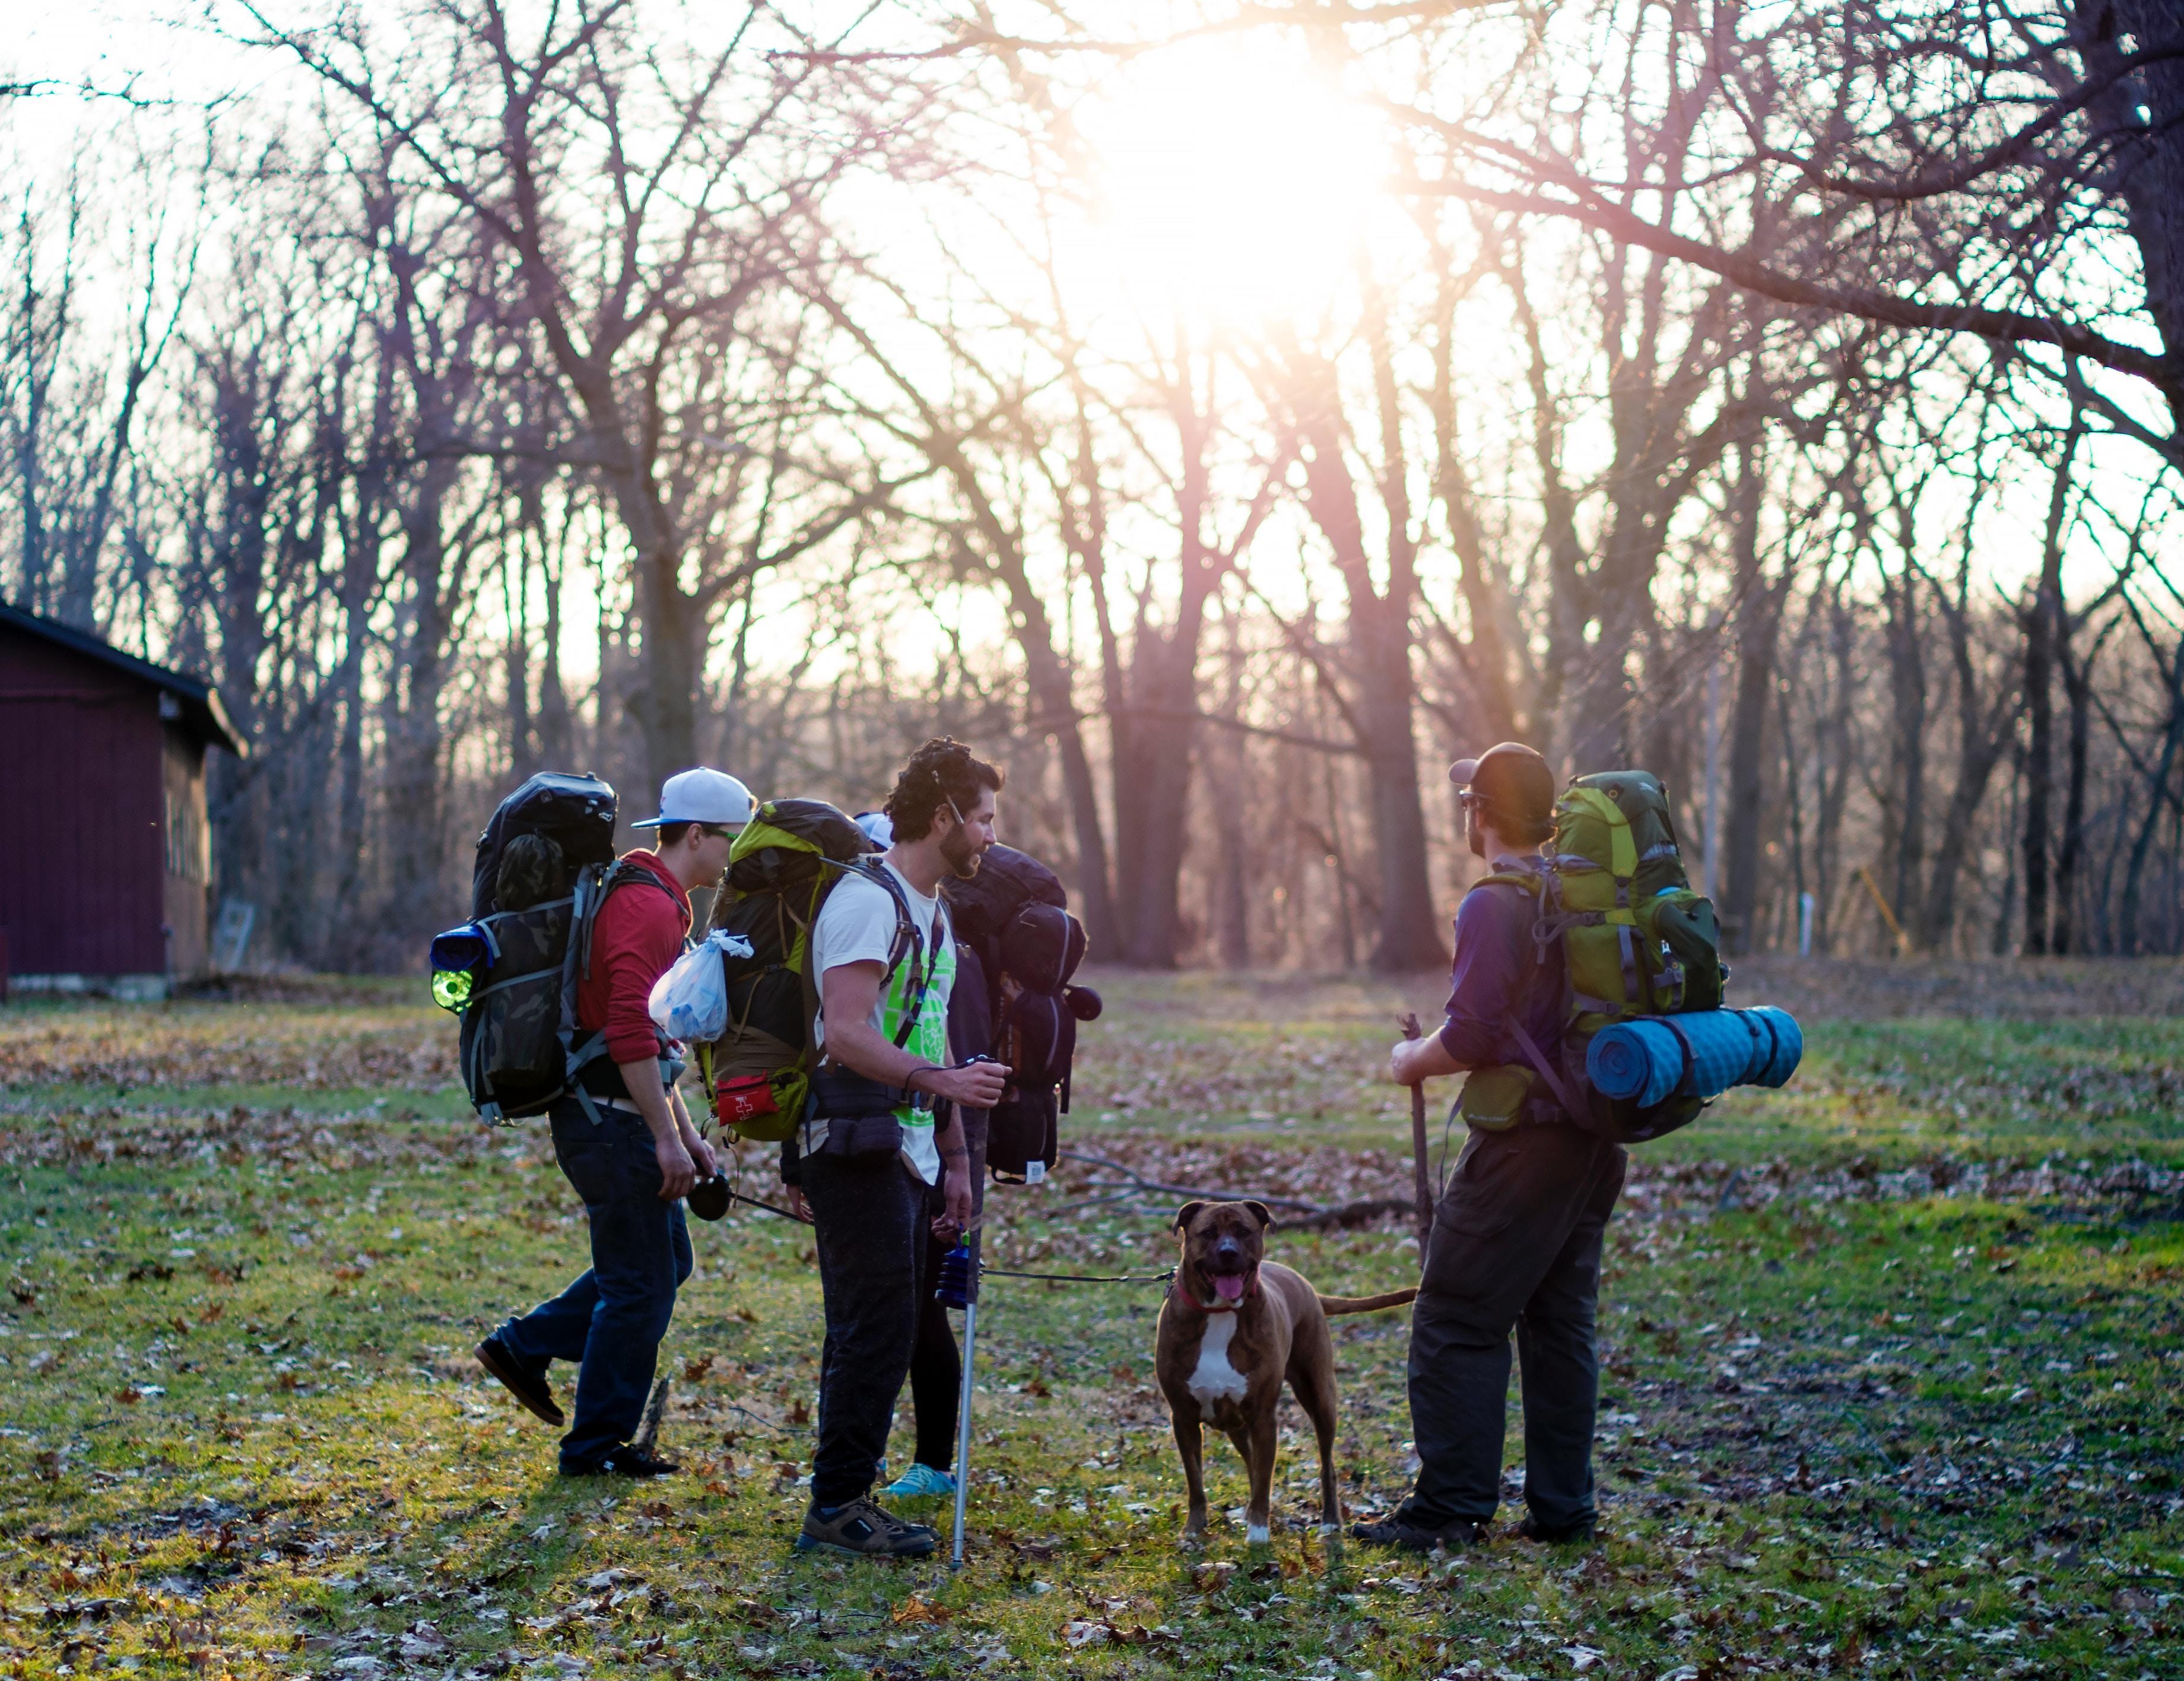 randonnée hiking chien 3 hommes sacs à dos